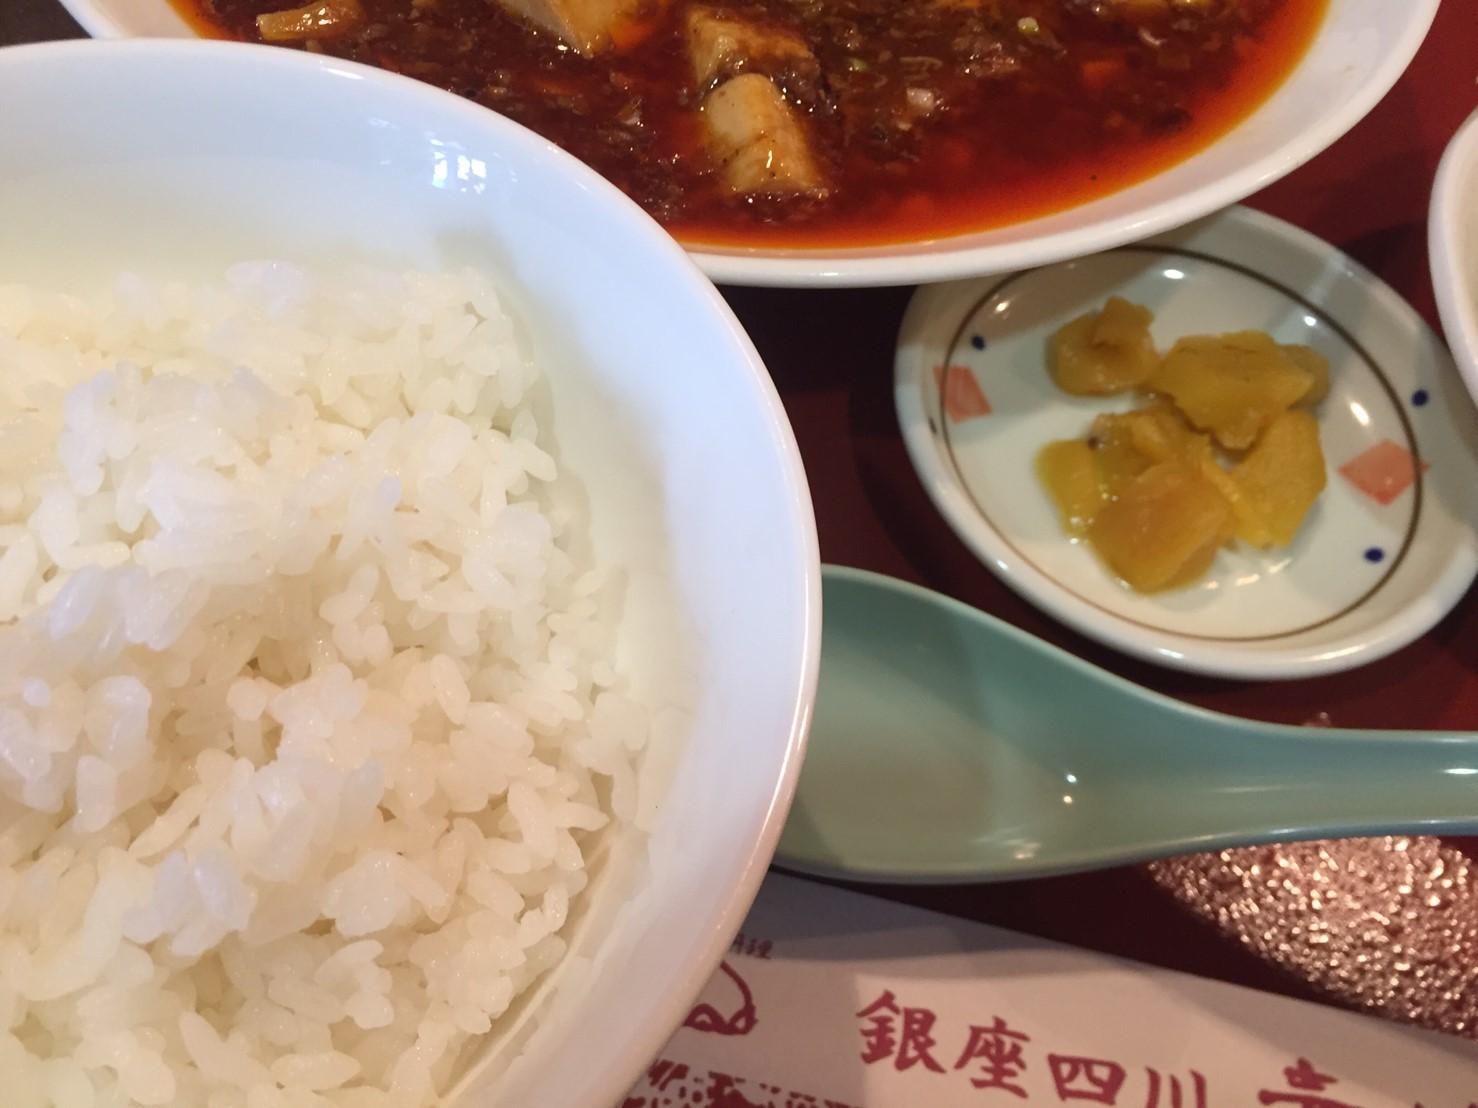 中国料理 銀座四川 壽桃  ランチ ファイナル_e0115904_06010313.jpg